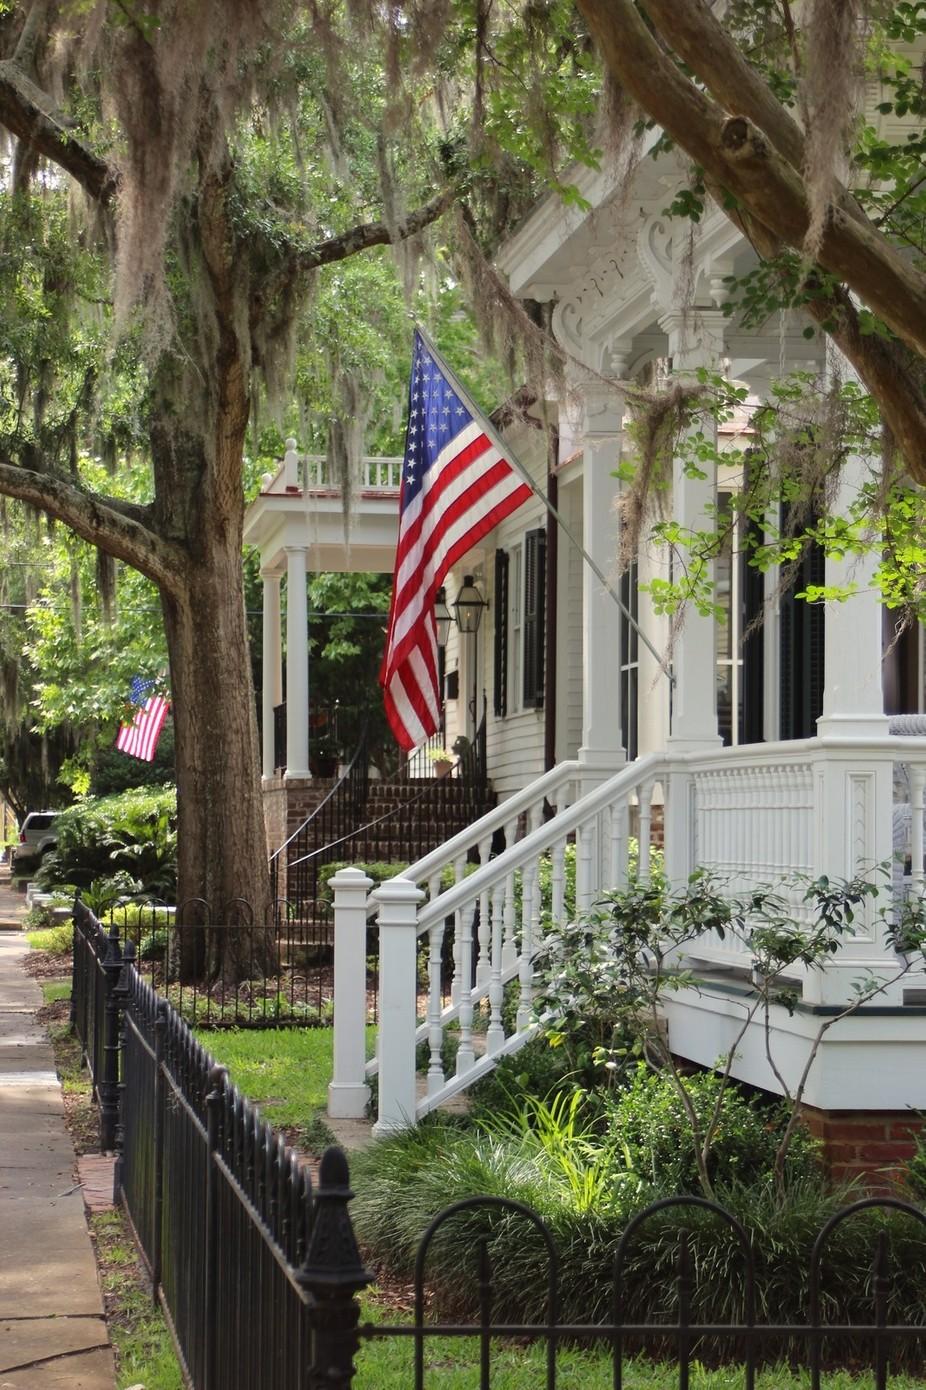 A historical home, Savannah, Georgia